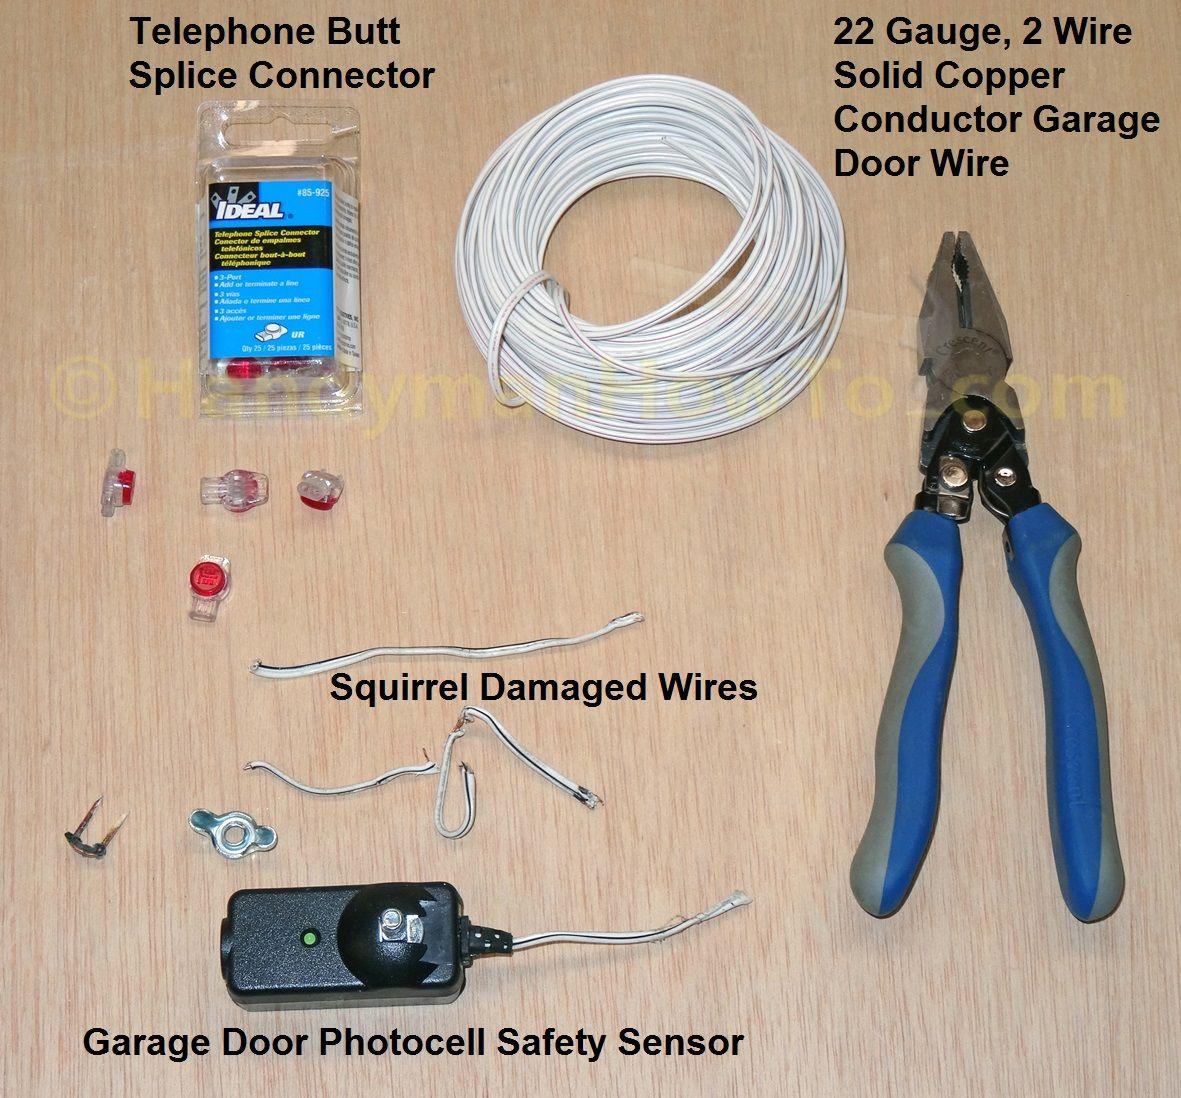 garage door safety sensor wire repair butt splice connectors mix garage door wiring 3 wire  [ 1181 x 1098 Pixel ]